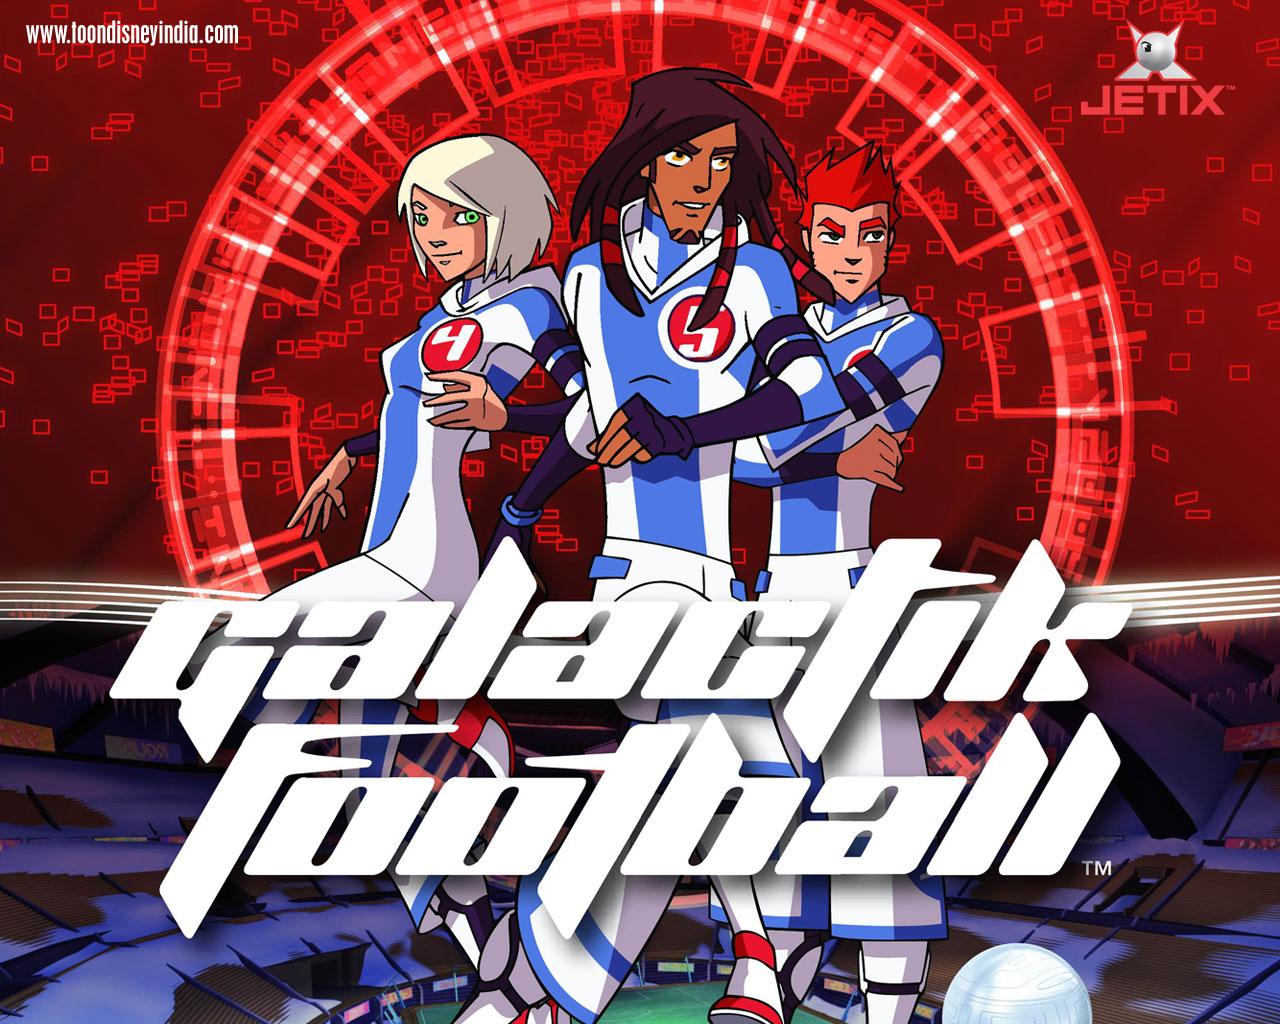 футбол 1 смотреть онлайн Photo: Смотреть галактический футбол онлайн